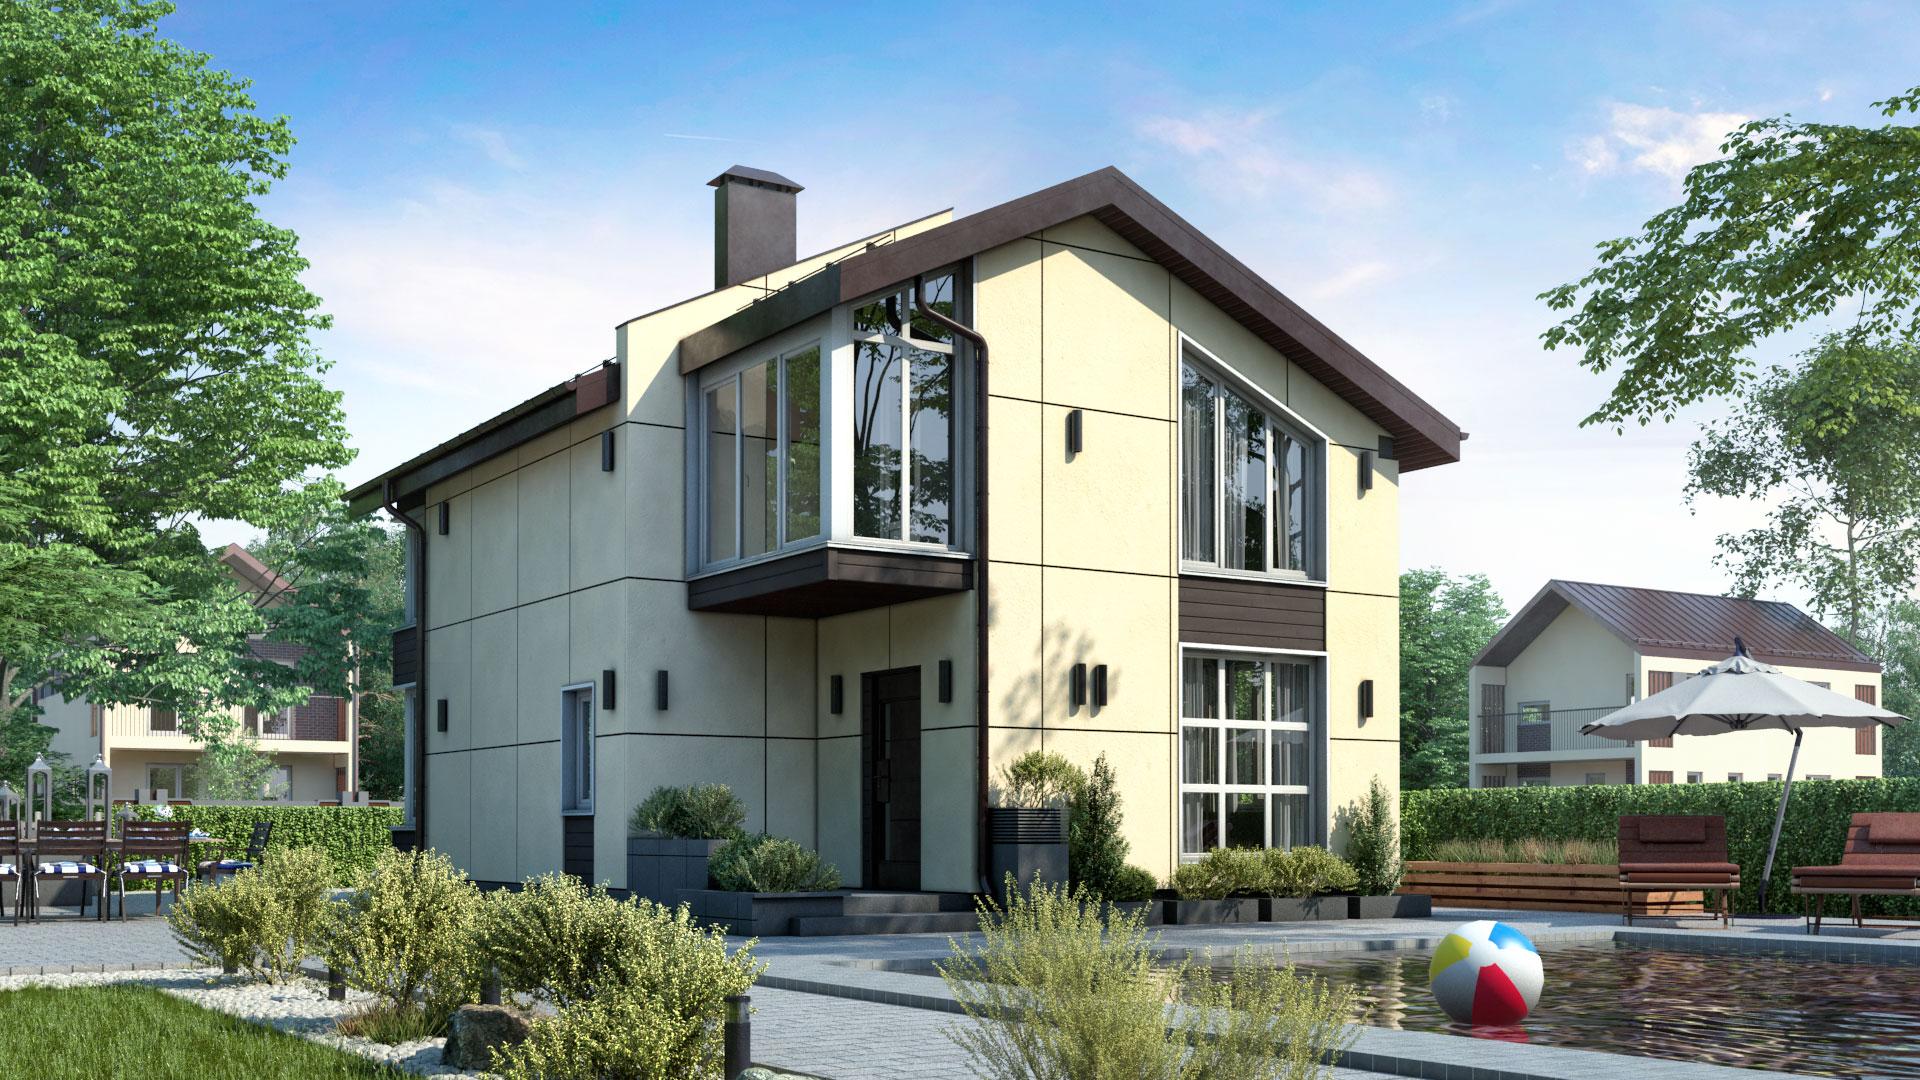 Передний фасад двухэтажного дома БЭНПАН, проект МС-112/1.